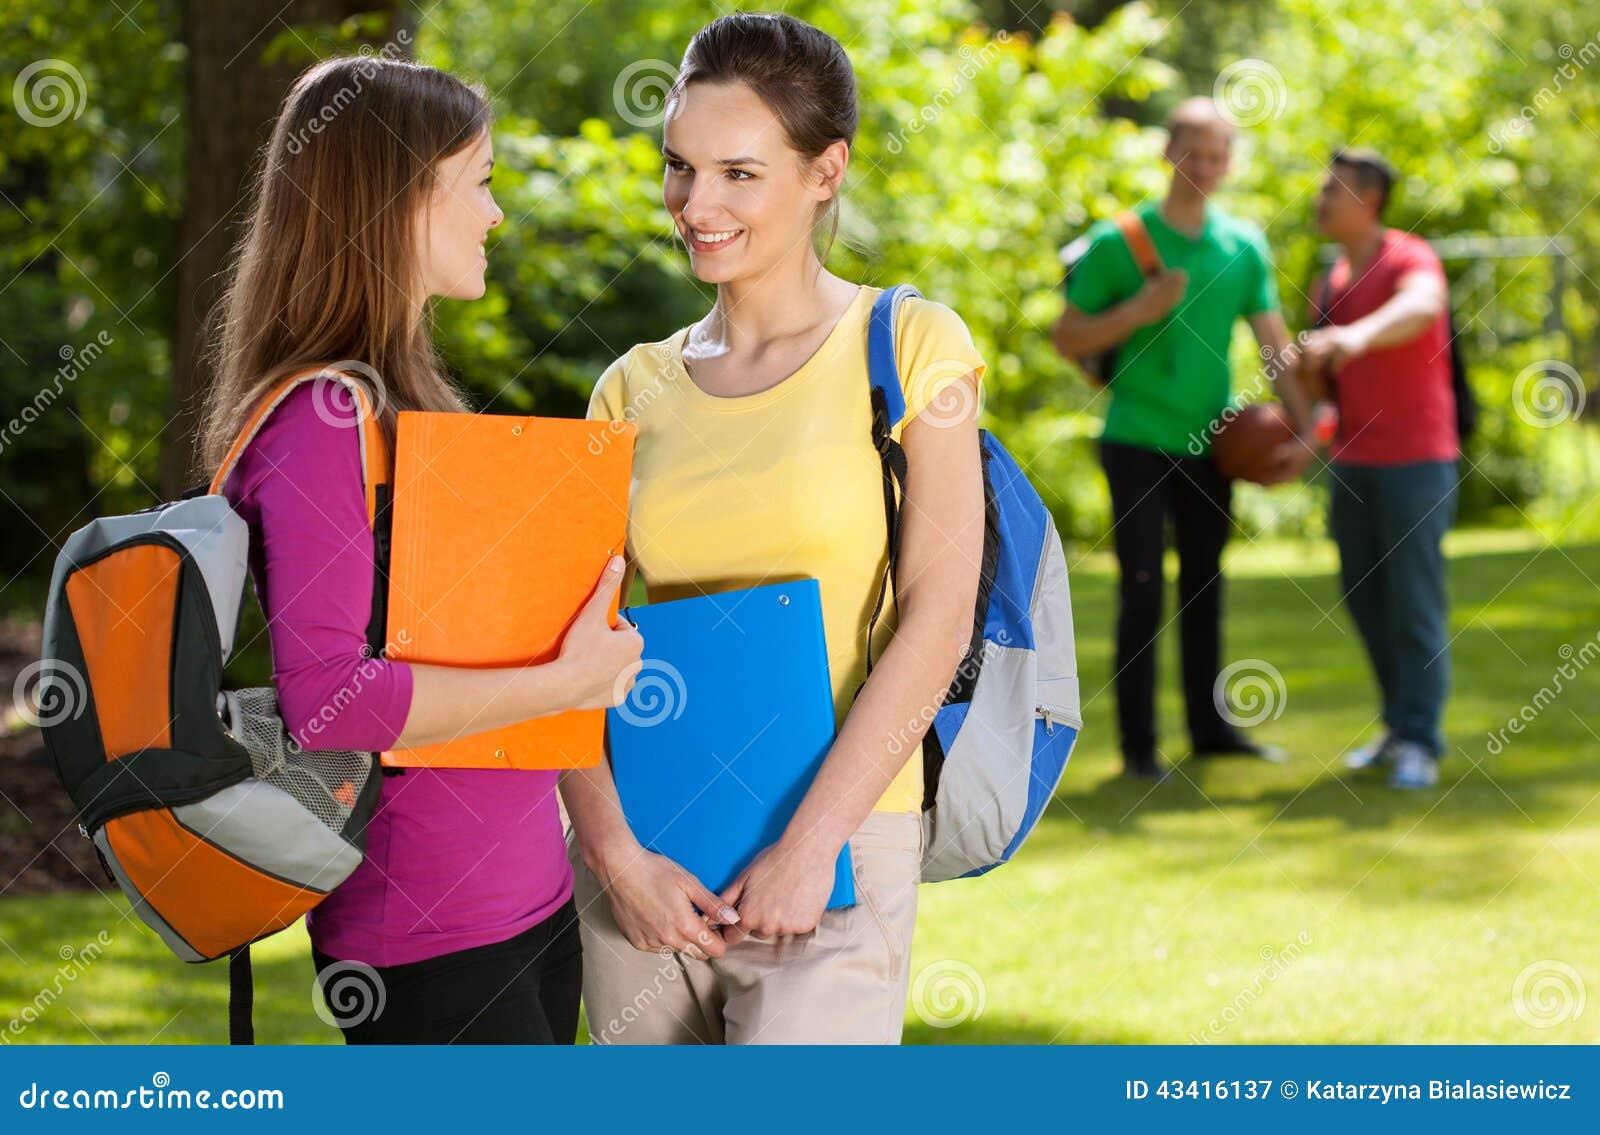 Friends Talking At School | www.imgkid.com - The Image Kid ...